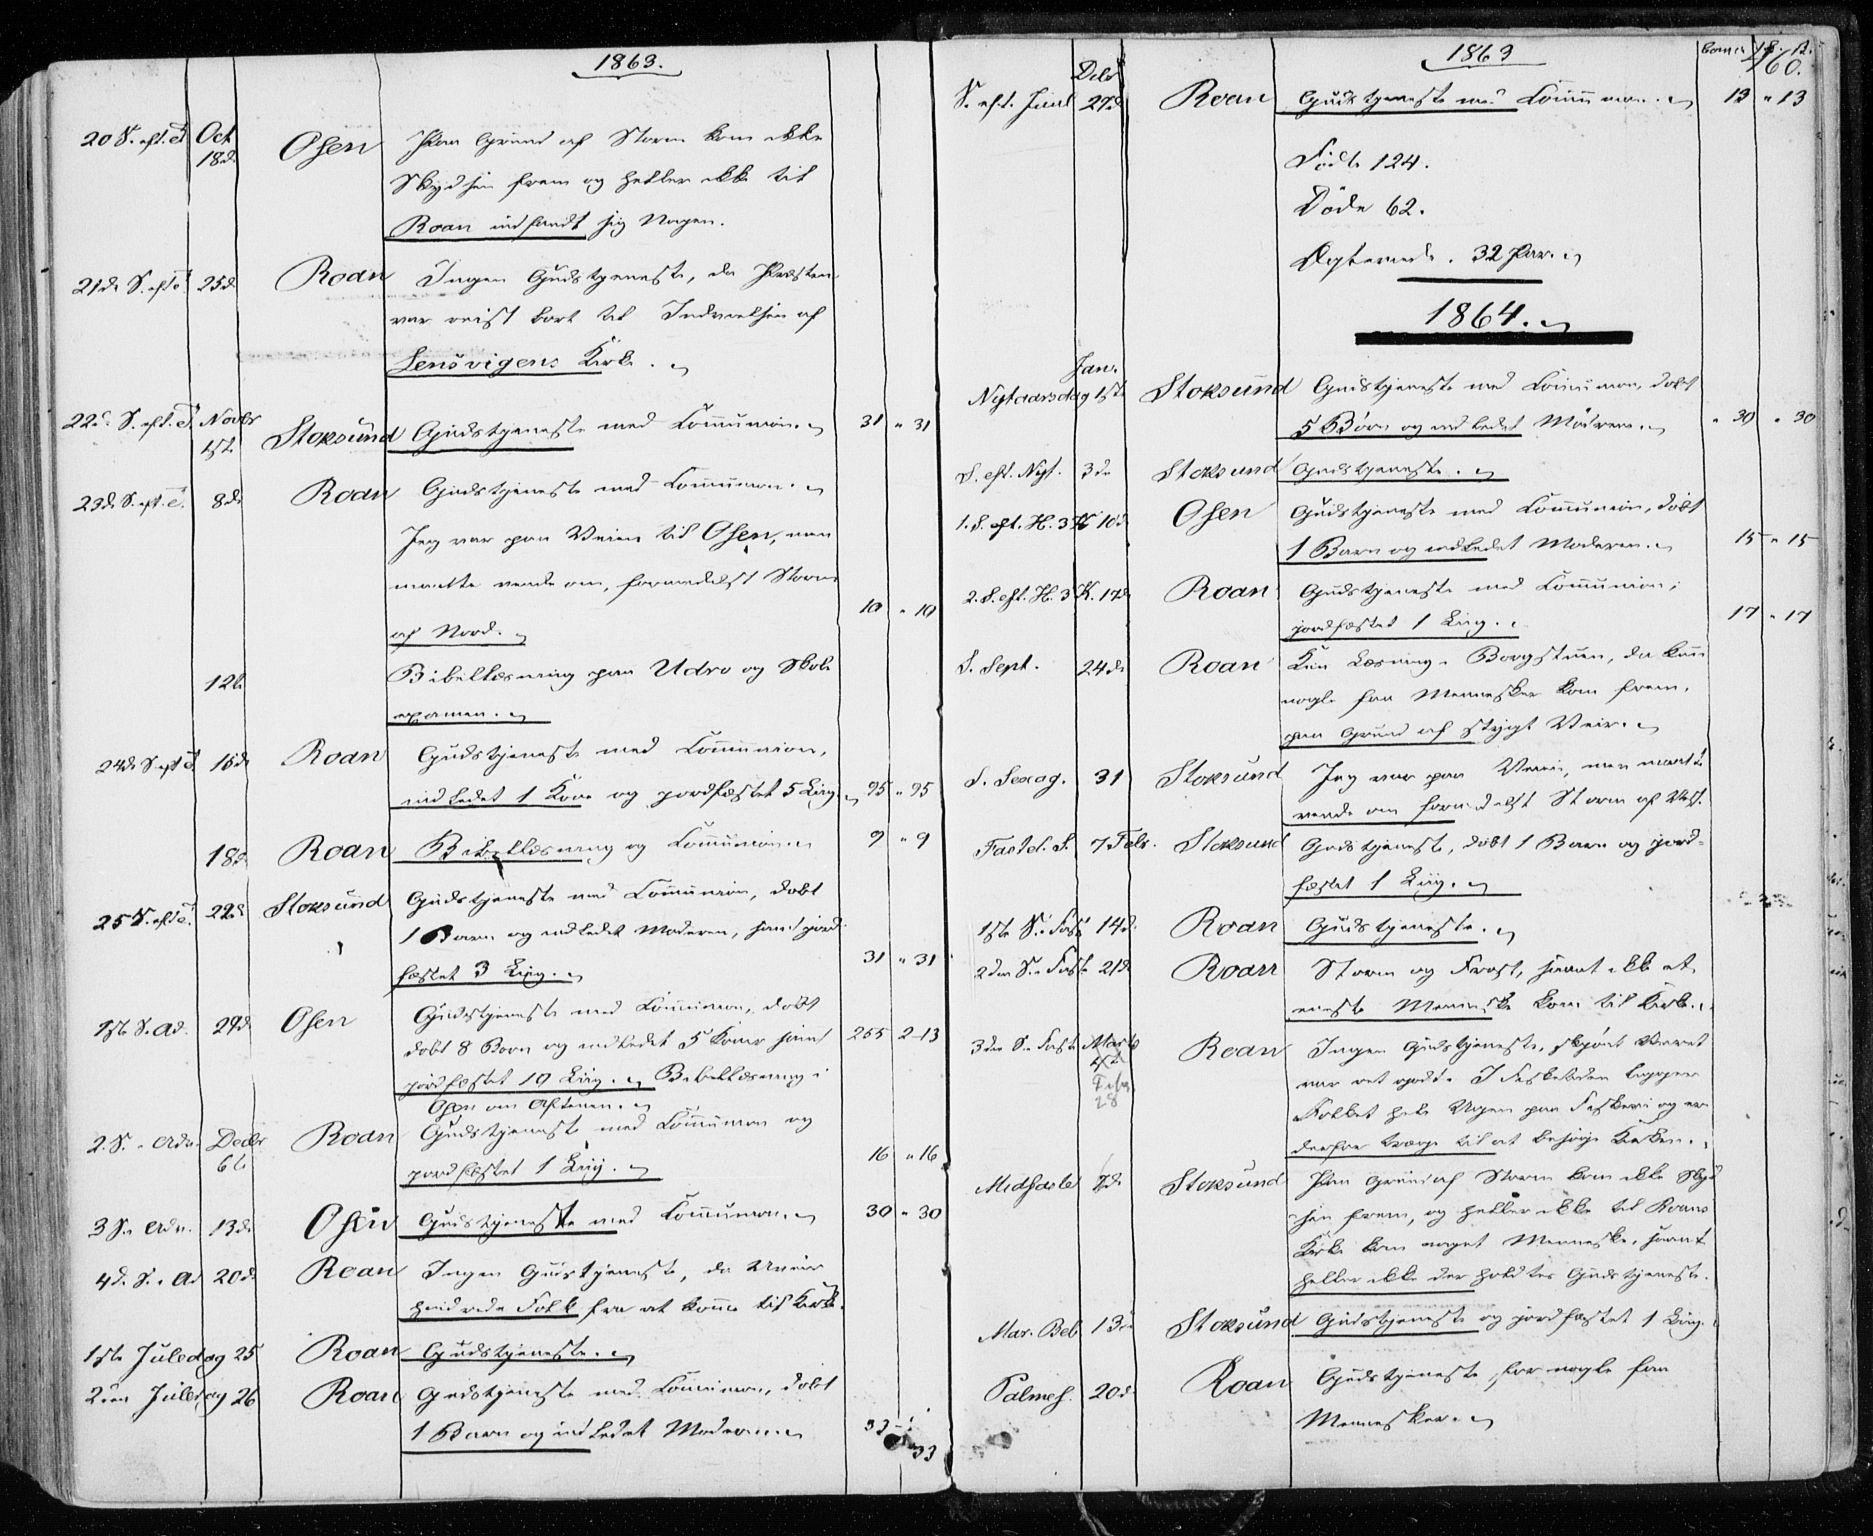 SAT, Ministerialprotokoller, klokkerbøker og fødselsregistre - Sør-Trøndelag, 657/L0705: Ministerialbok nr. 657A06, 1858-1867, s. 460